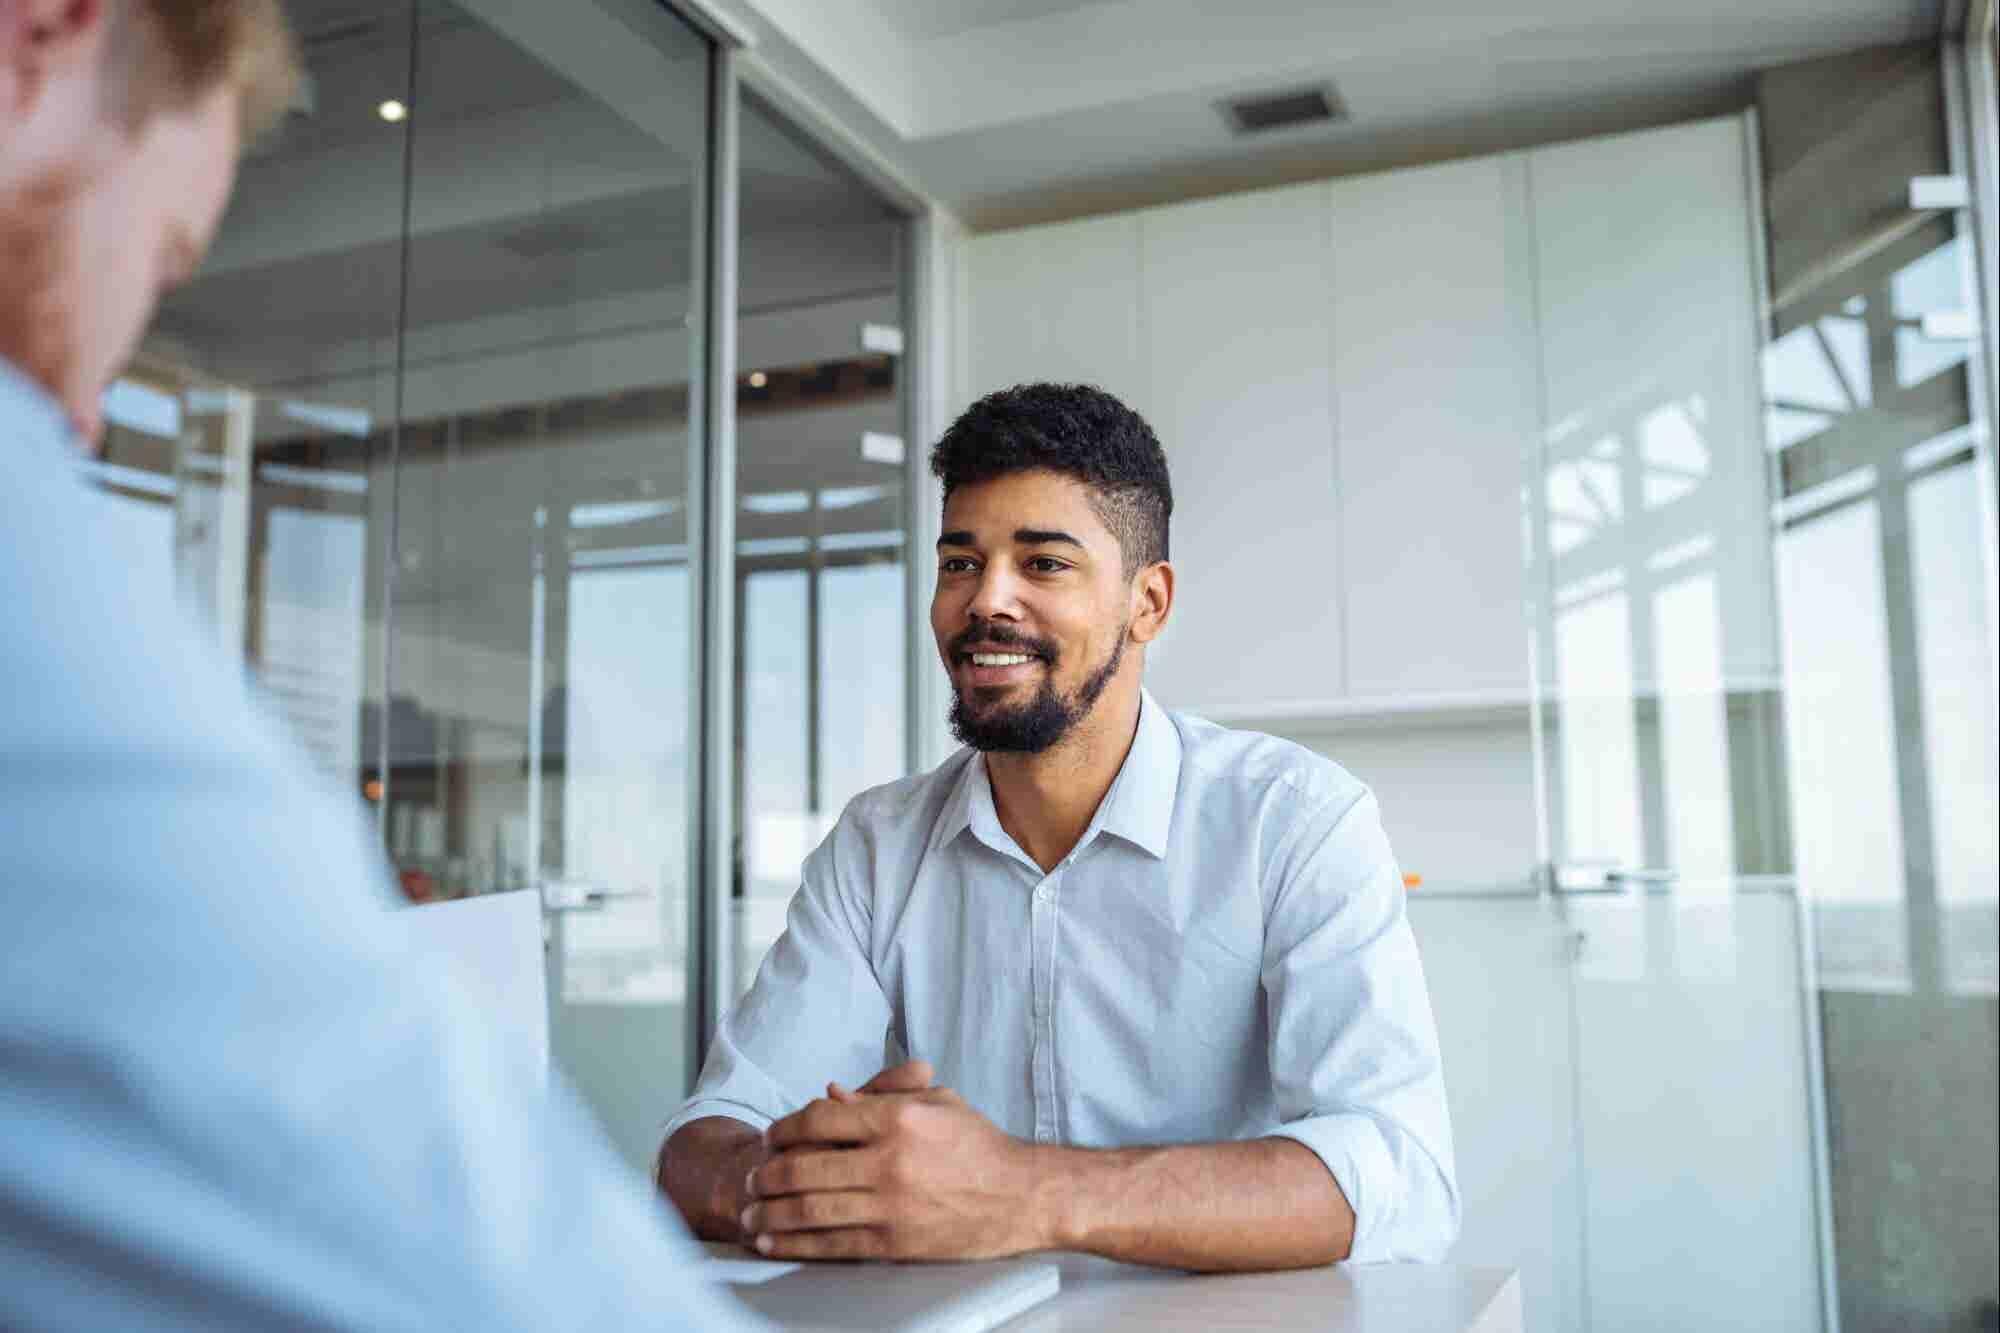 12 palabras poderosas que debes decir en tu próxima entrevista para que te contraten